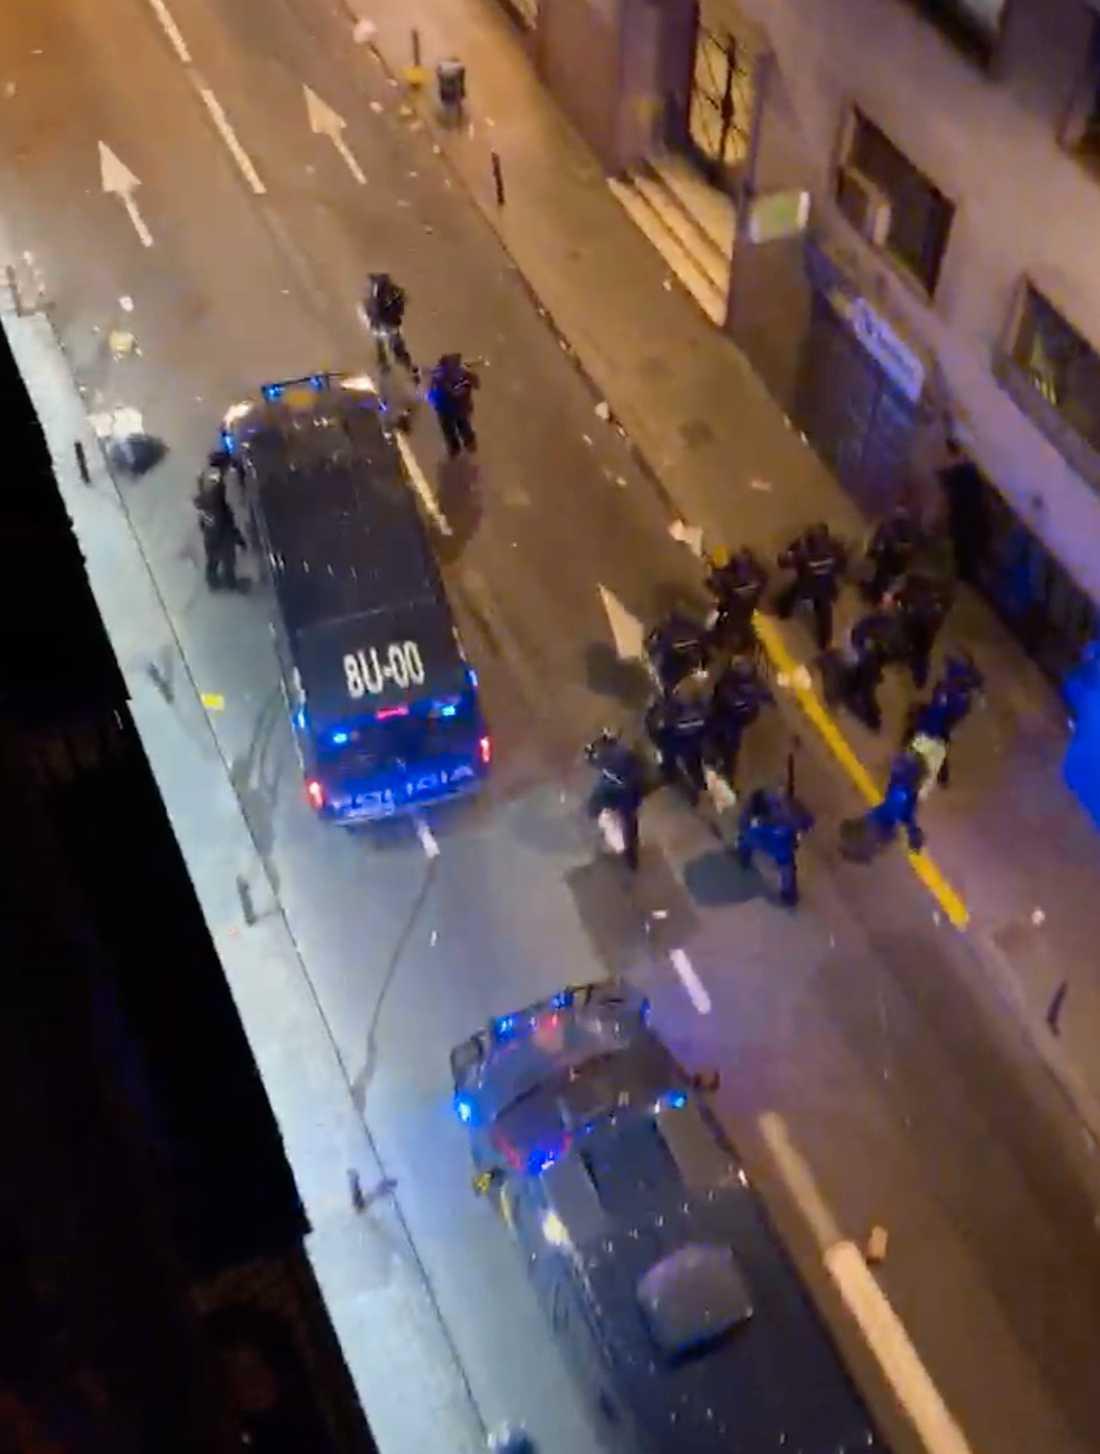 Polisbilarna står på rad på gatan utanför Mys och hennes vänner hotell.